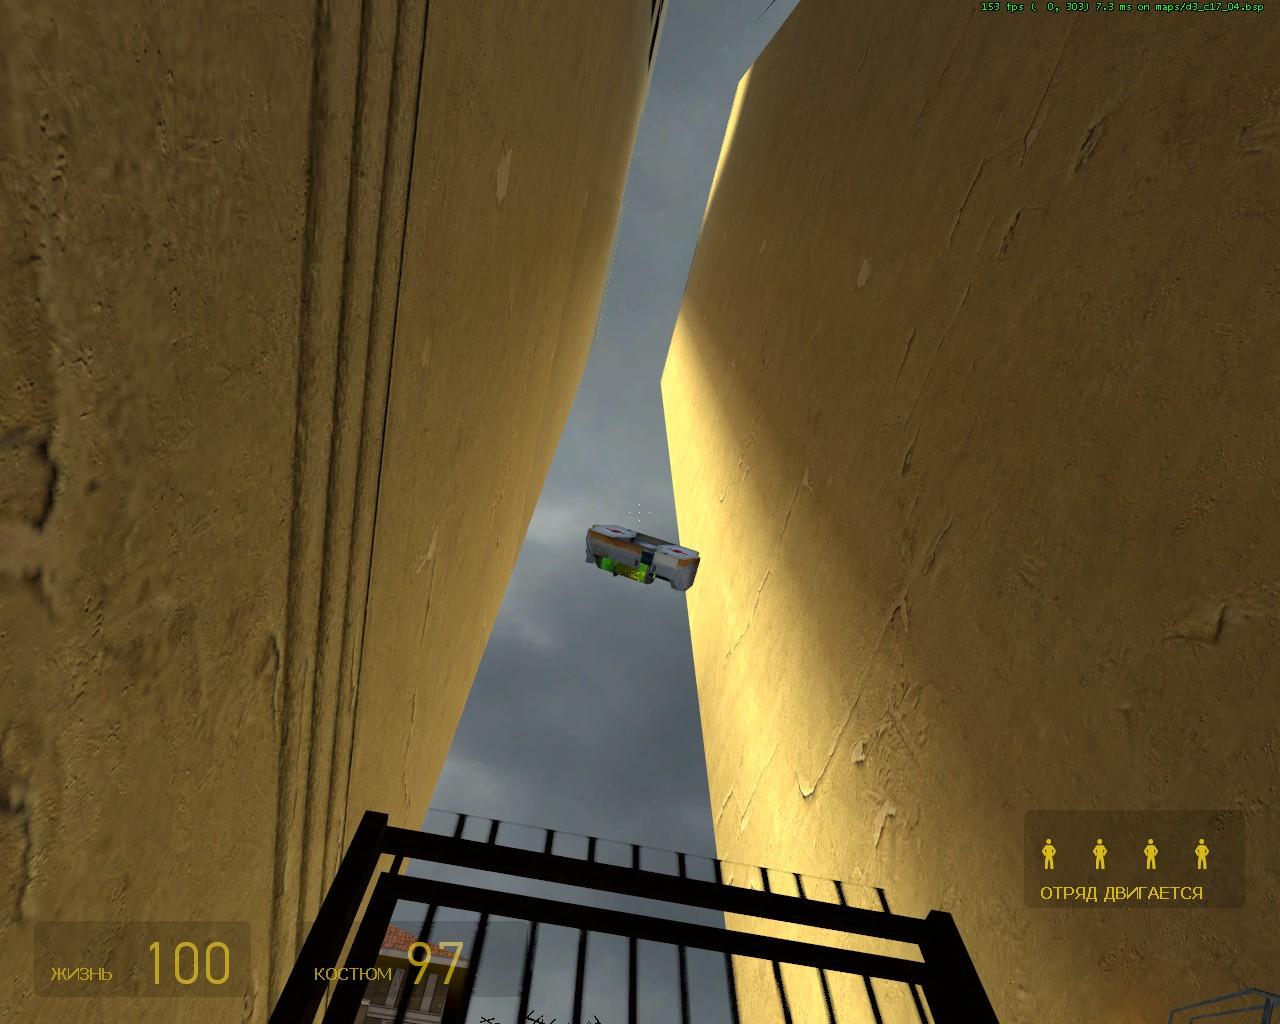 d3_c17_040008.jpg - Half-Life 2